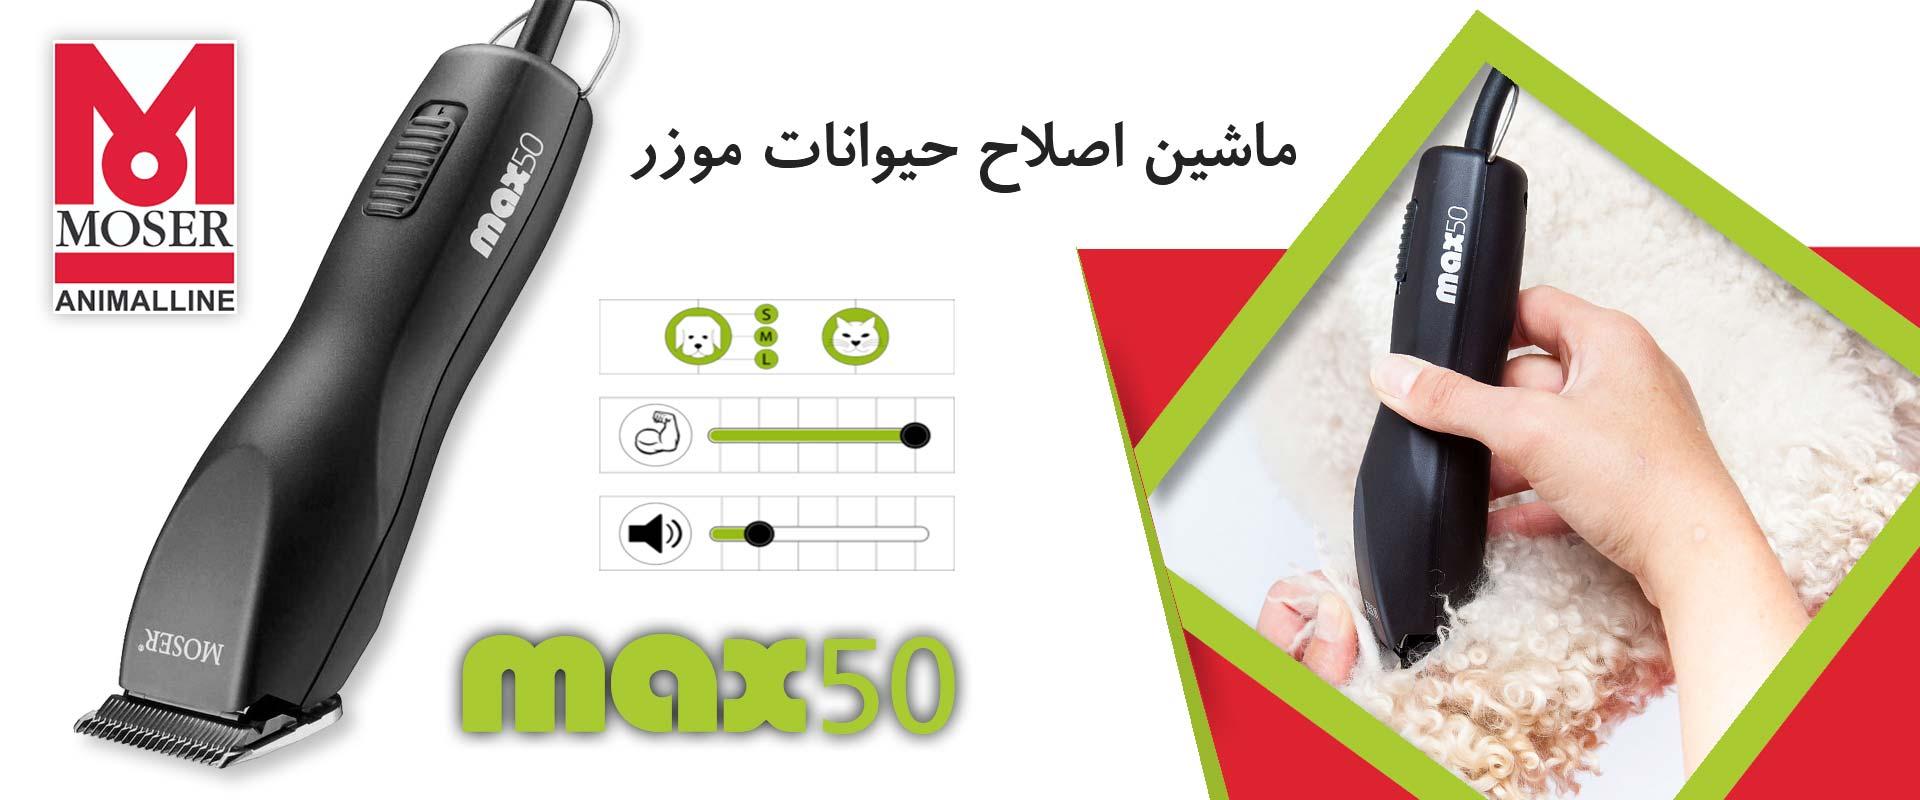 ماشین اصلاح حیوانات مارک موزر کلاس 50